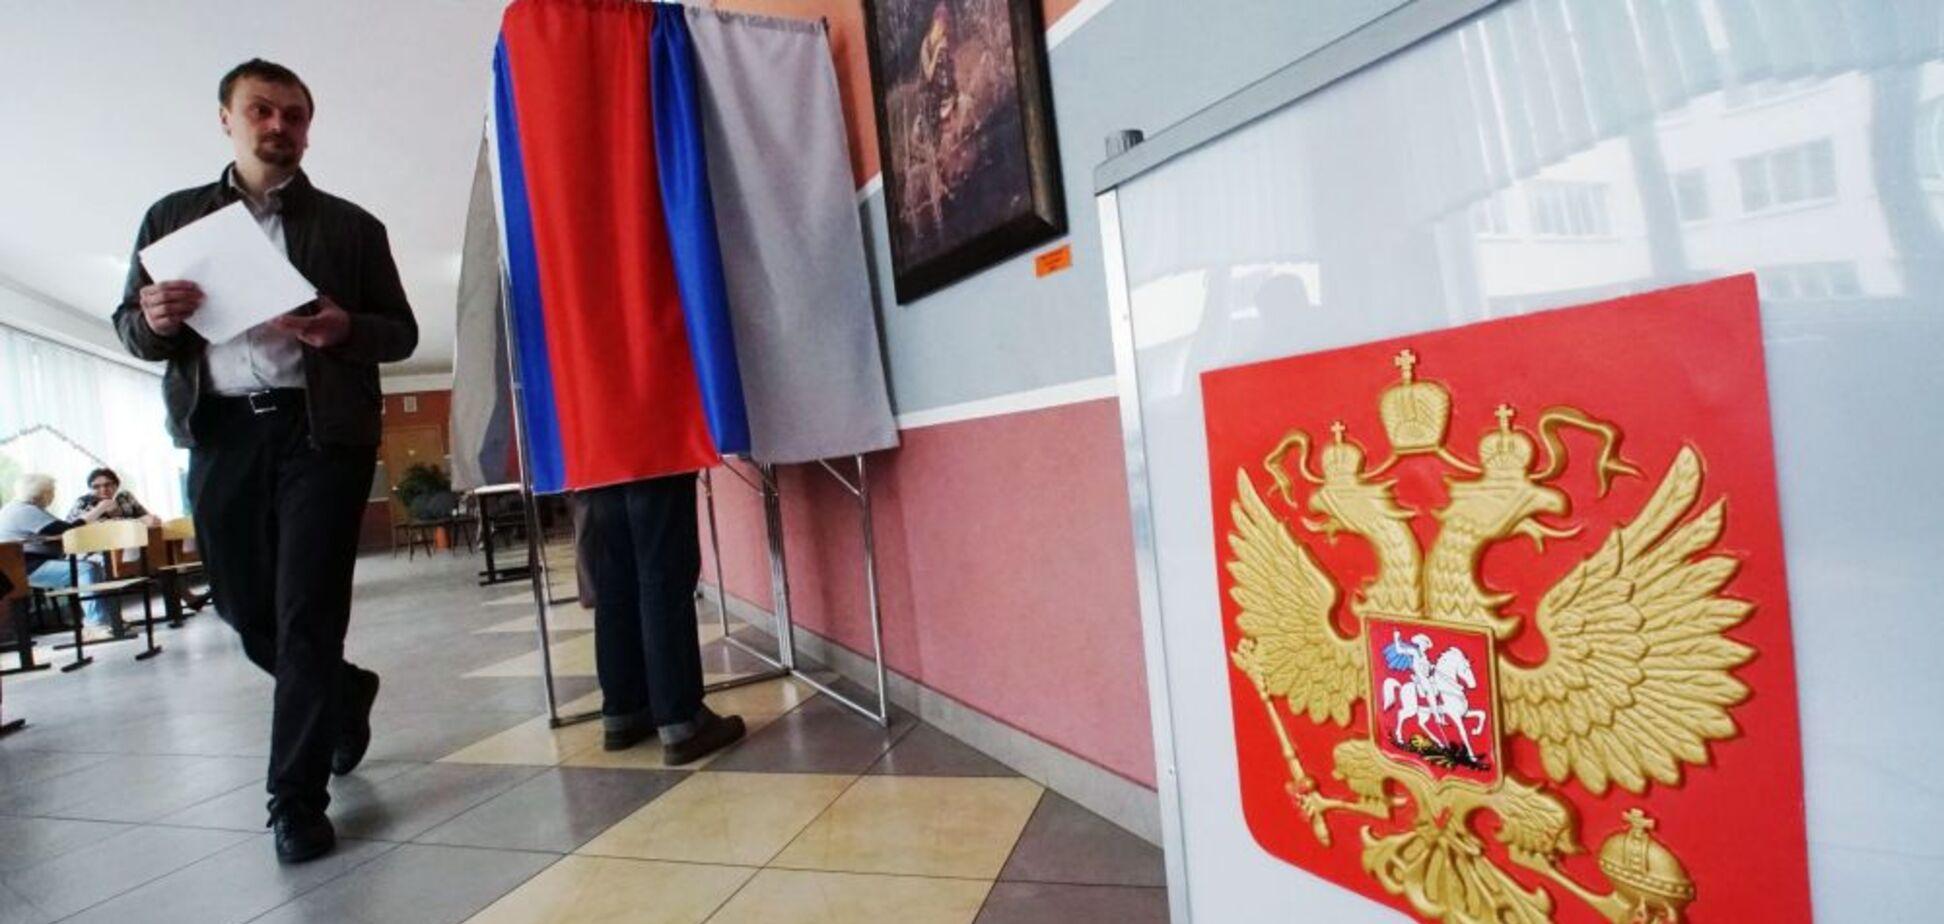 З'їв бюлетень: з'явилося відео незвичайної акції на виборах в Росії